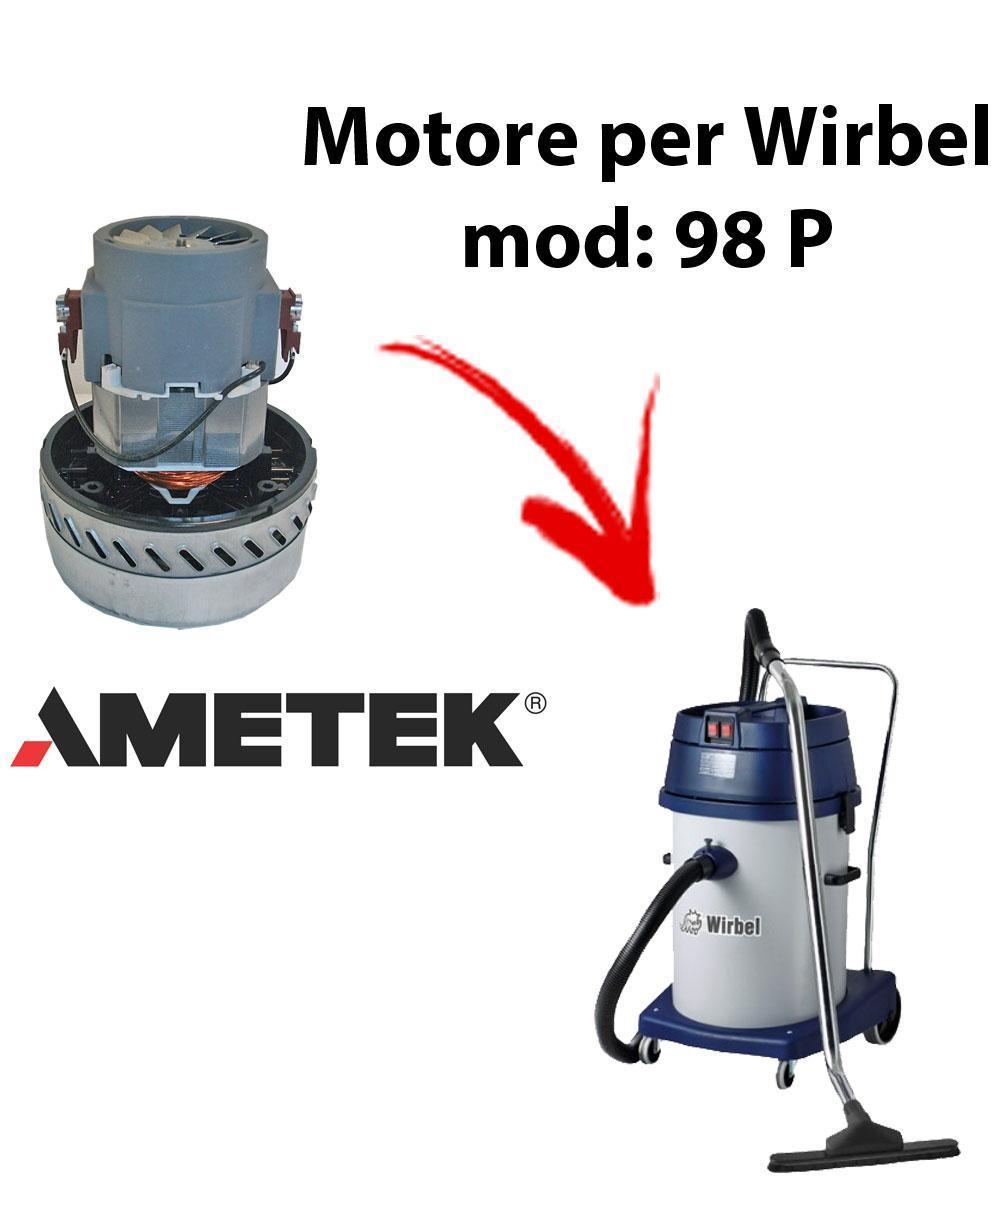 98 P Motore de aspiración AMETEK para aspiradora y aspiradora húmeda WIRBEL